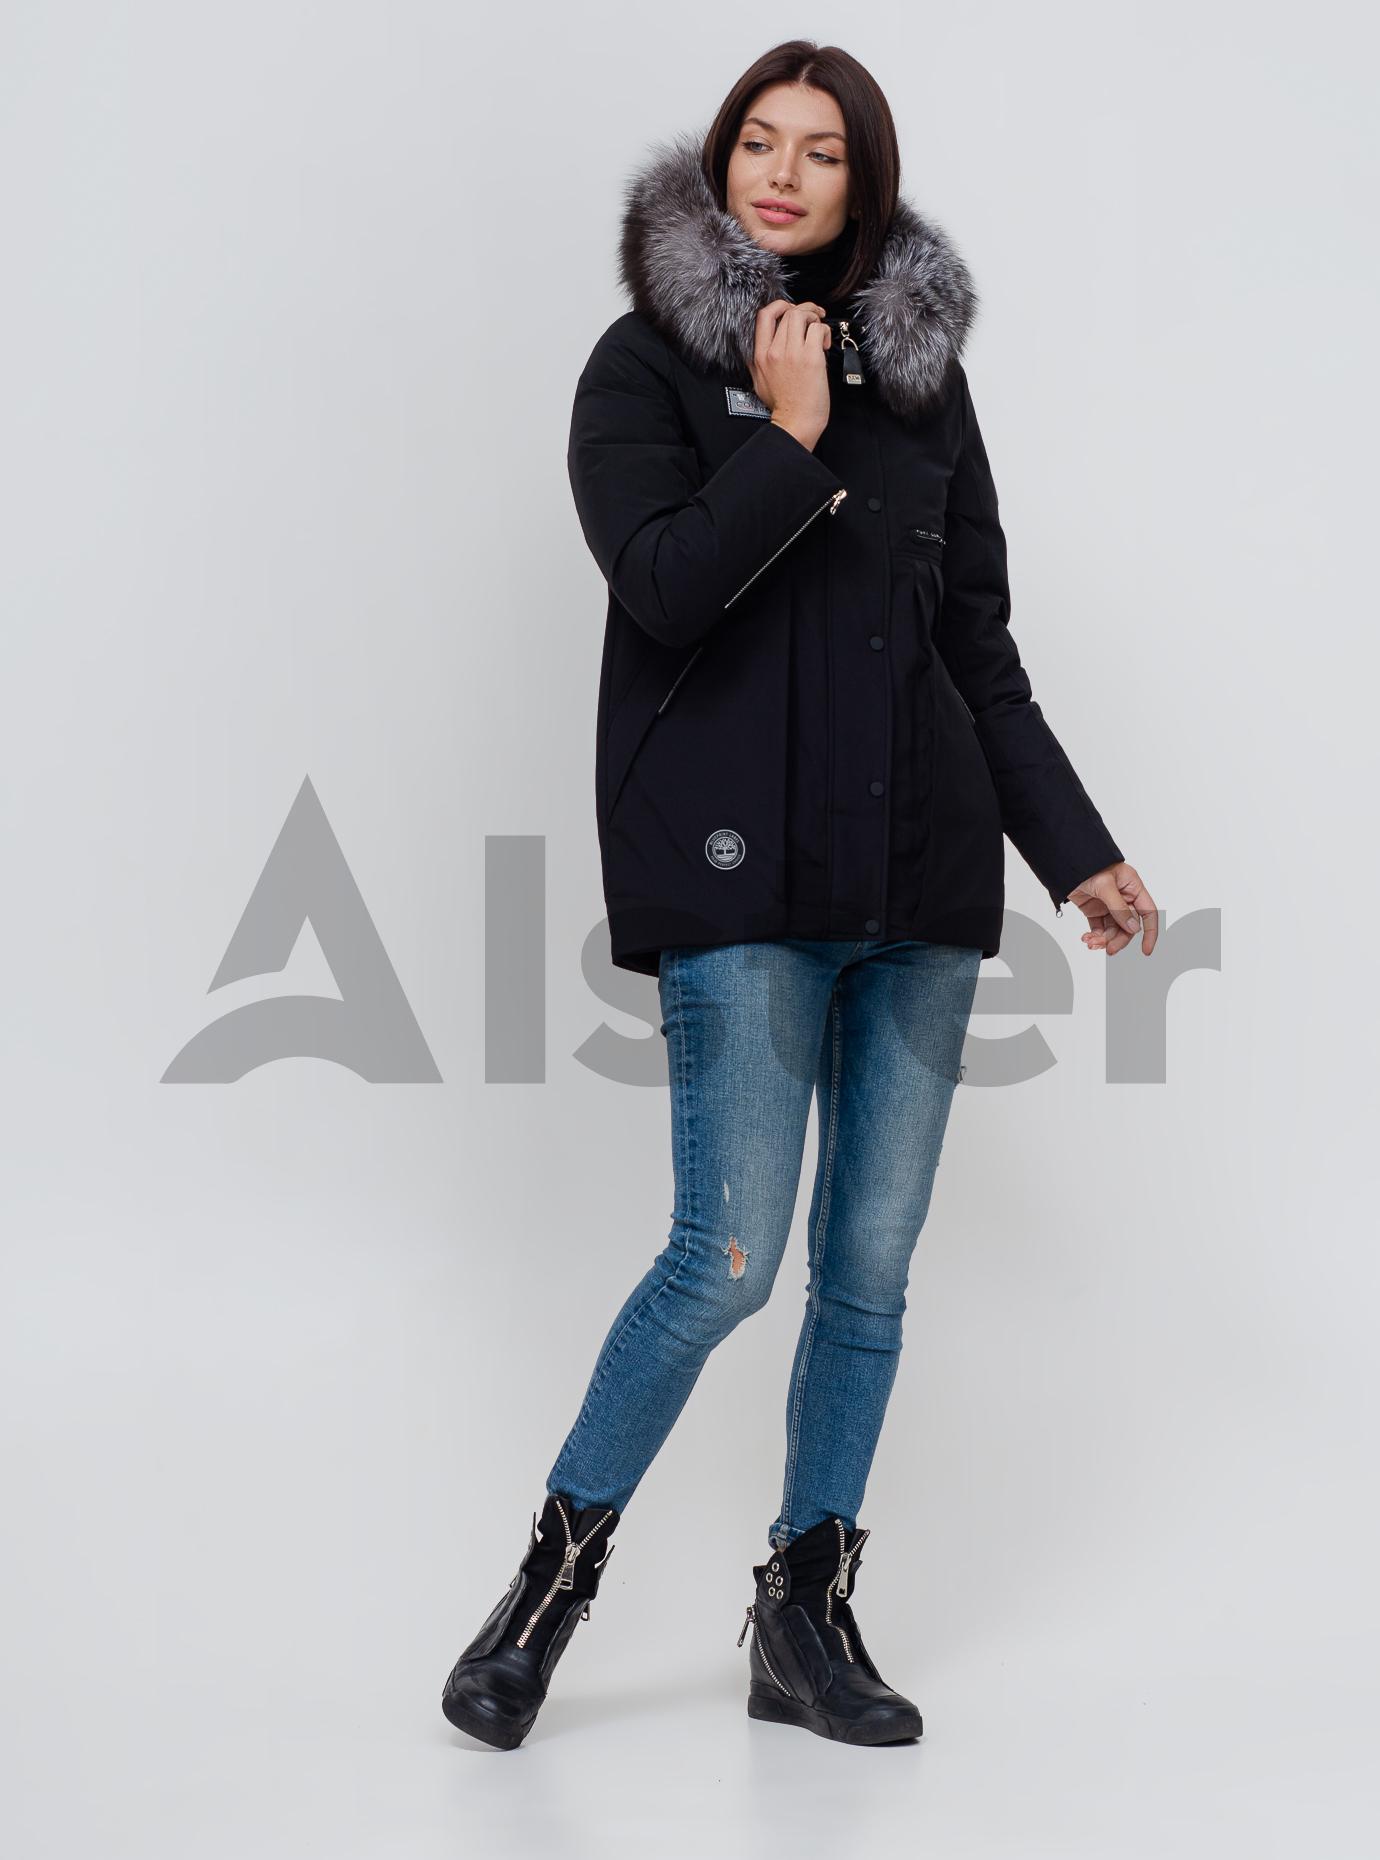 Пуховик зимовий з хутром лисиці Чорний S (02-N200441): фото - Alster.ua